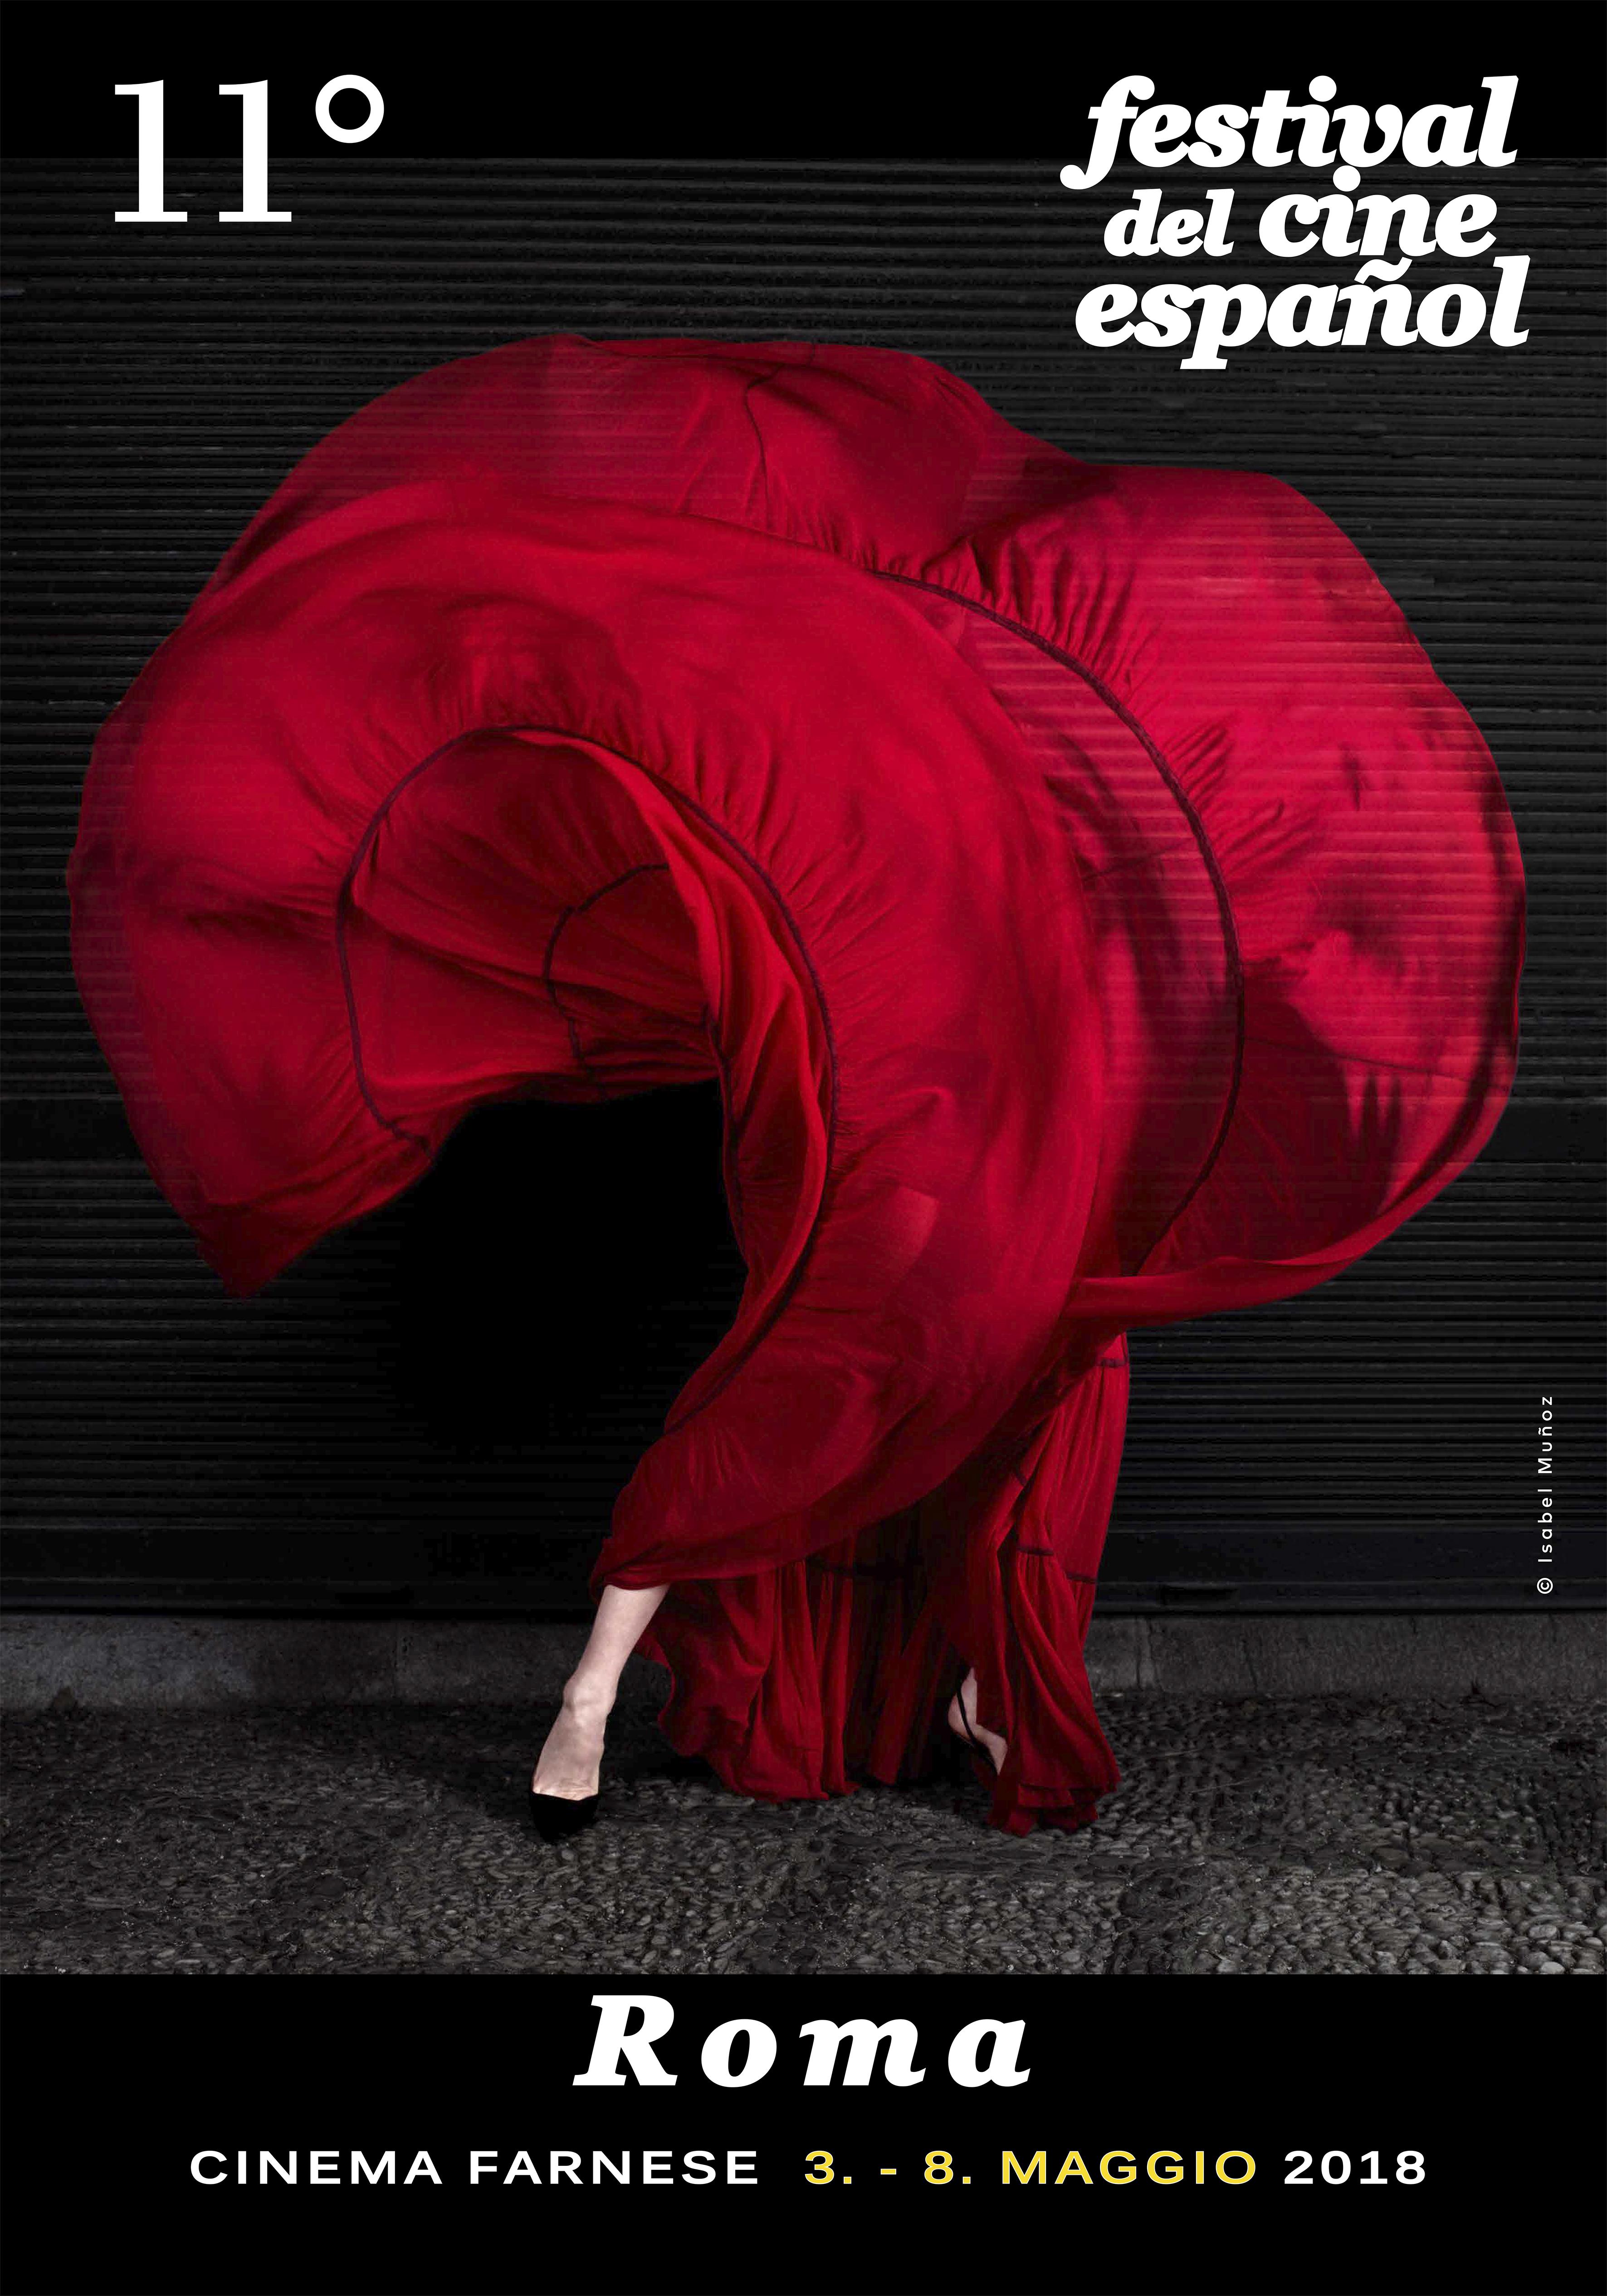 Si svolgerà al Cinema Farnese di Roma, dal 3 all'8 maggio 2018 e a seguire in numerose città italiane, l'11° Edizione del Festival del Cinema Spagnolo